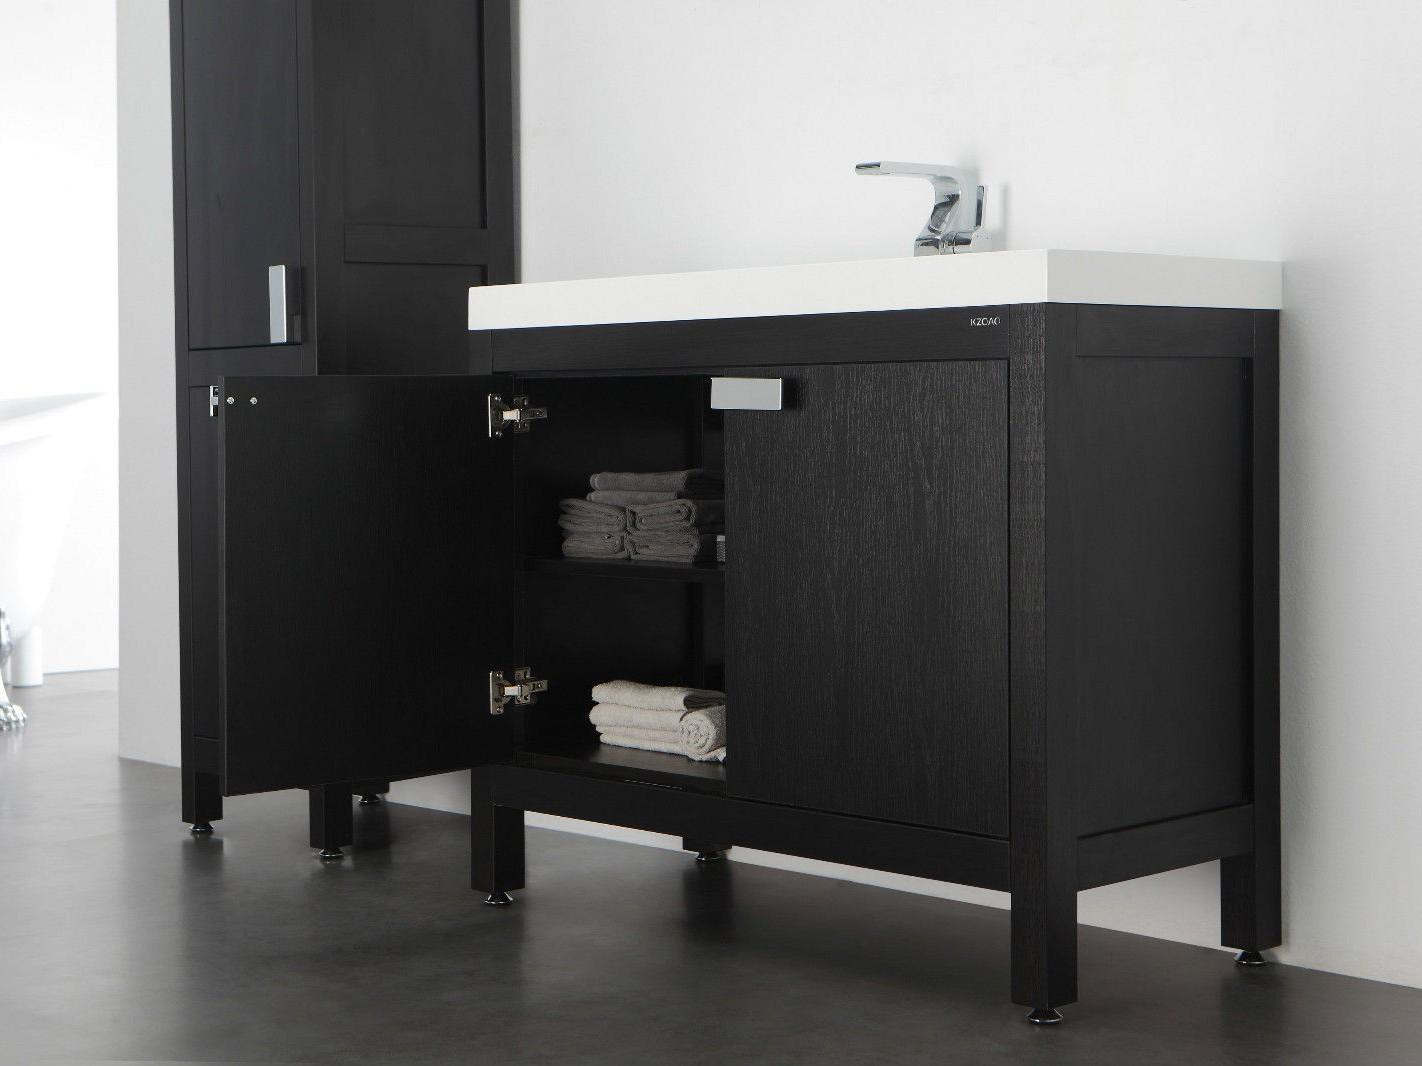 barcelona waschtisch-set 80 cm eiche schwarz badewelt badezimmer möbel, Badezimmer ideen